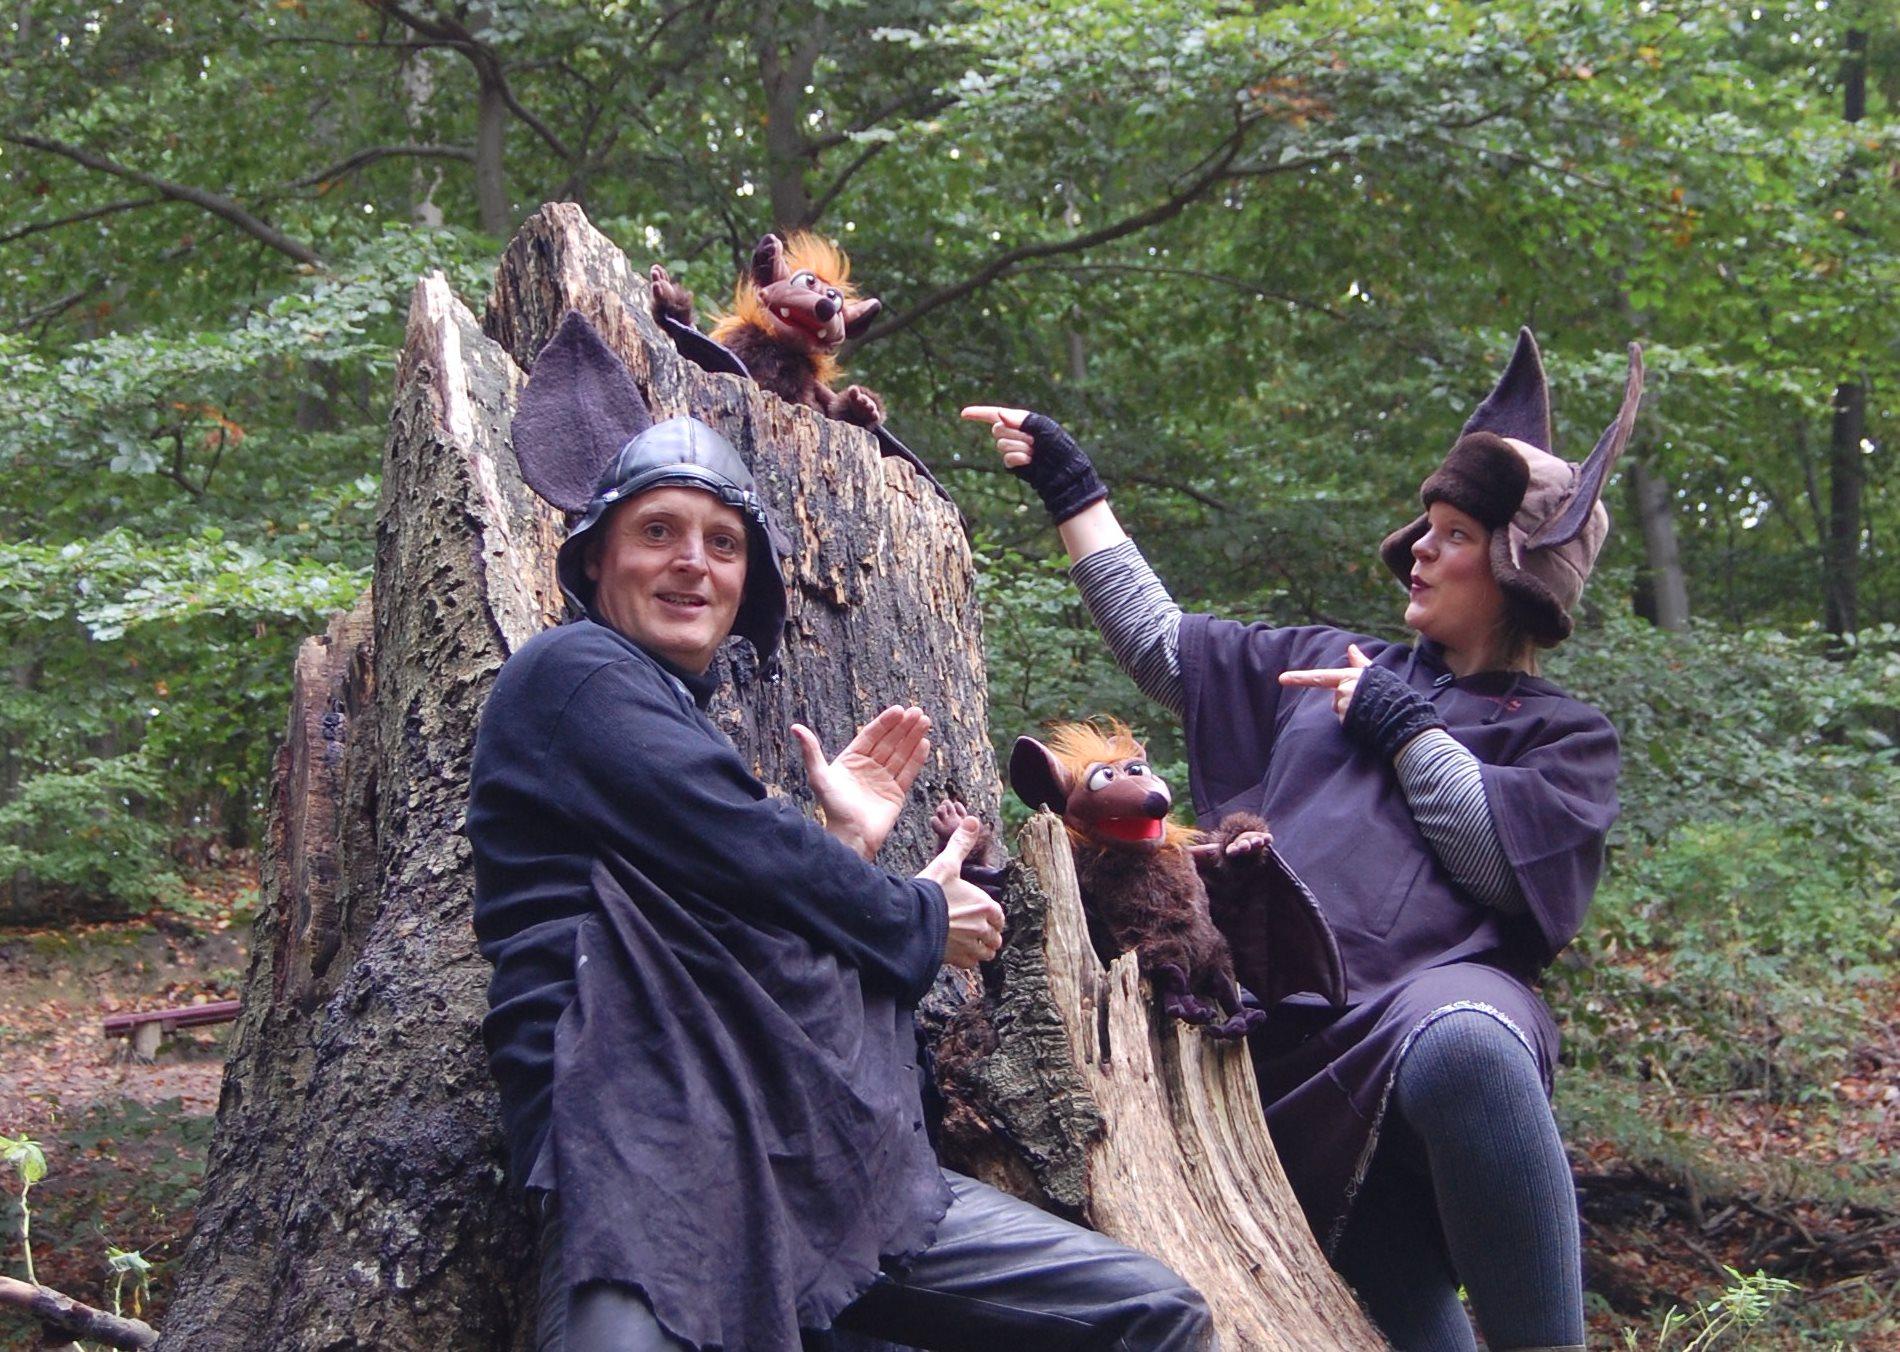 Foto Flattertom Flederlilly Aus der Reihe Nachtgeflüster: Rund um das Thema Fledermäuse!